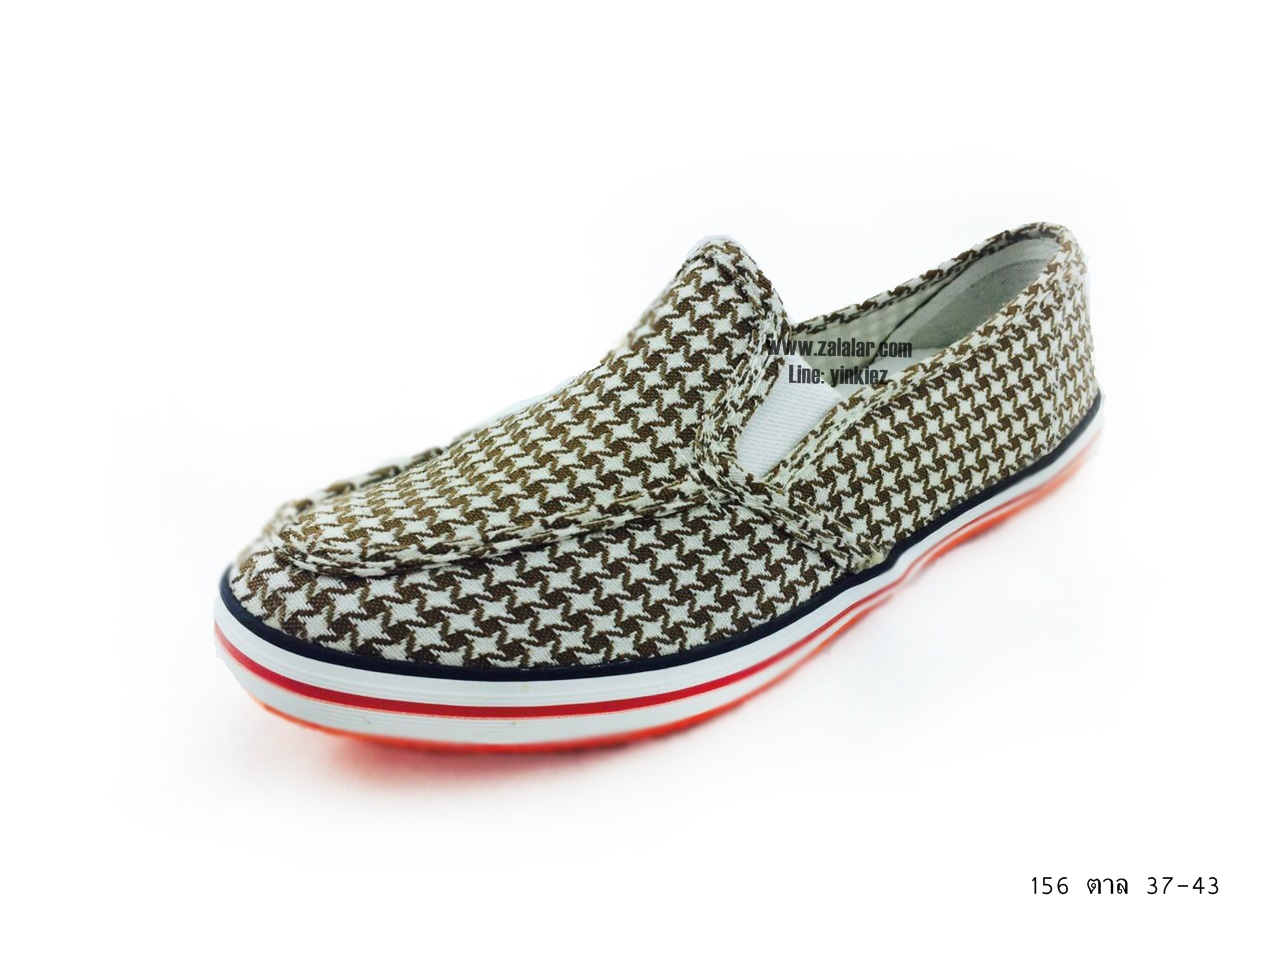 [พร้อมส่ง] รองเท้าผ้าใบแฟชั่น รุ่น 156 สีน้ำตาล แบบสวม